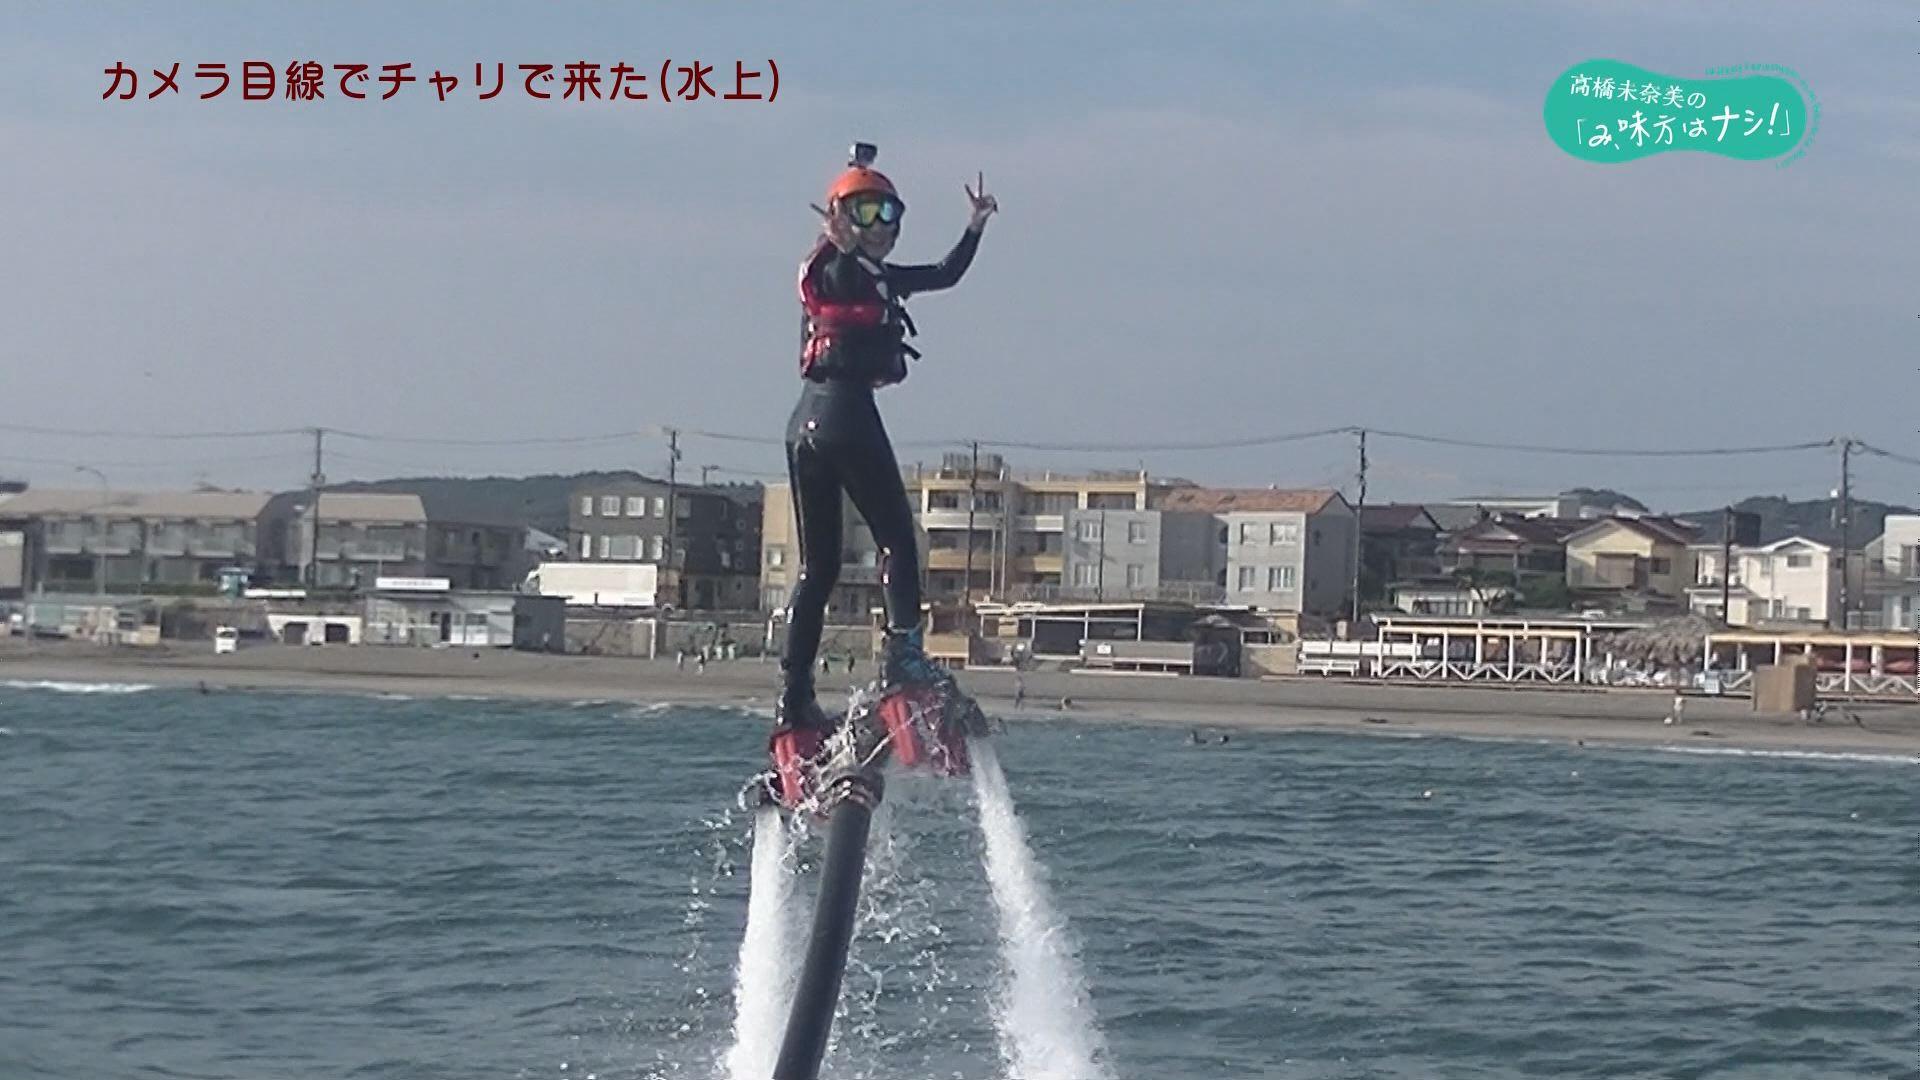 高橋未奈美の「み、味方はナシ!」 #7